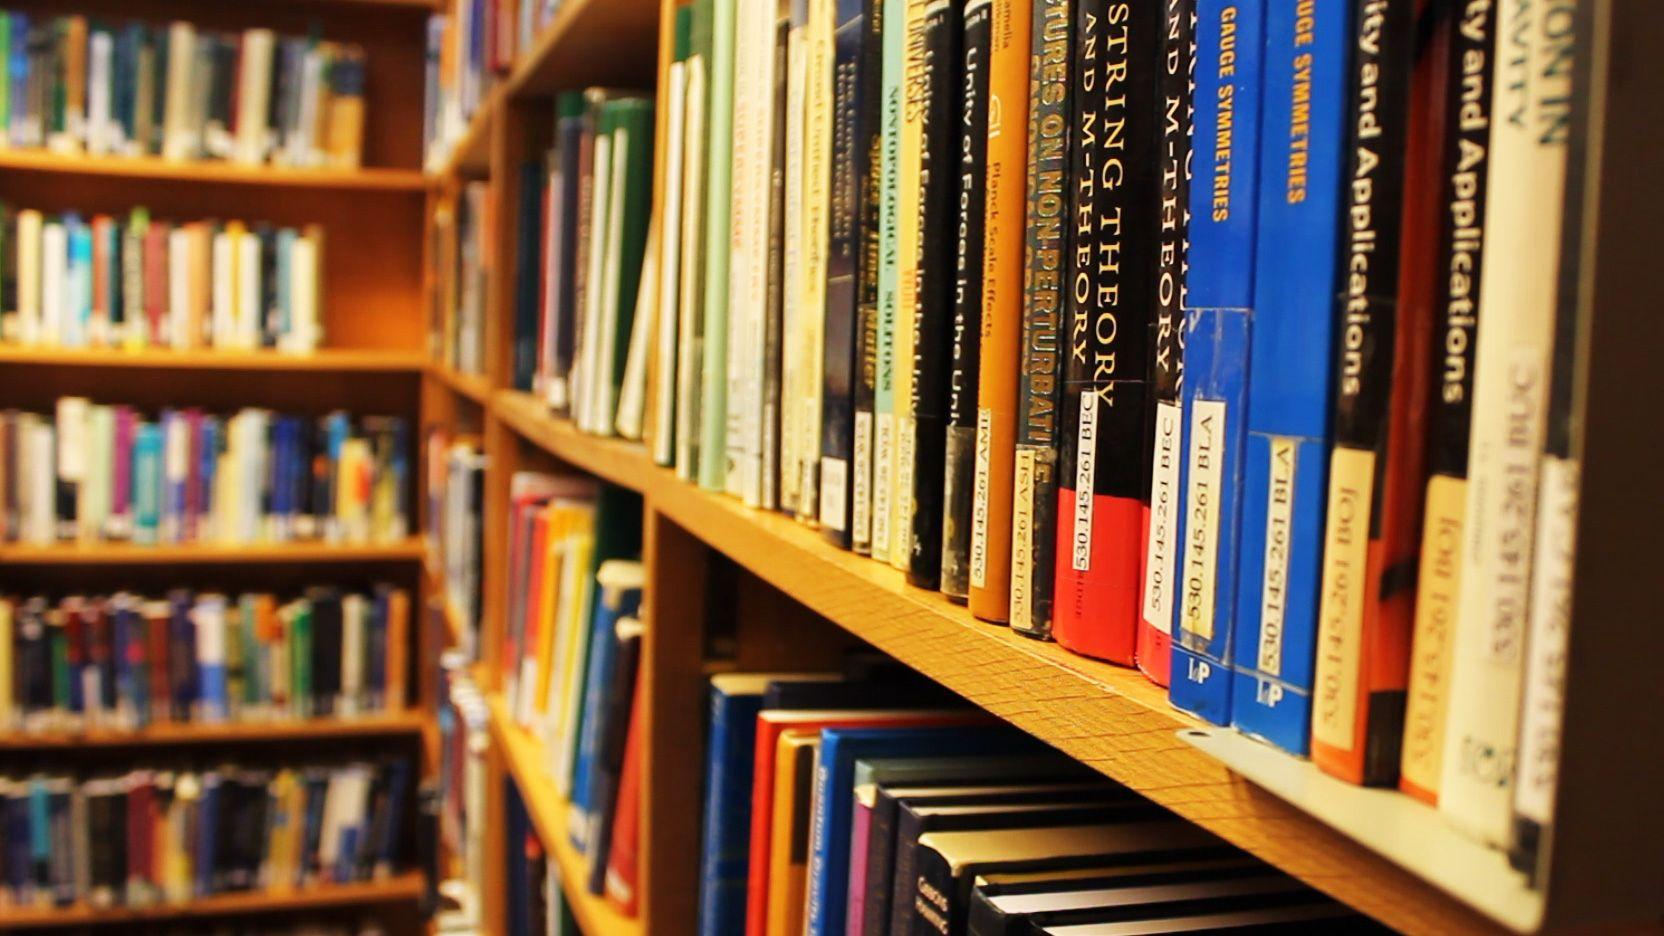 Selv om en mengde bøker fortsatt er digitalisert inneholder CERN-biblioteket fortsatt papirbøker i rikt monn.Foto: Varg Aamo, Hardware.no